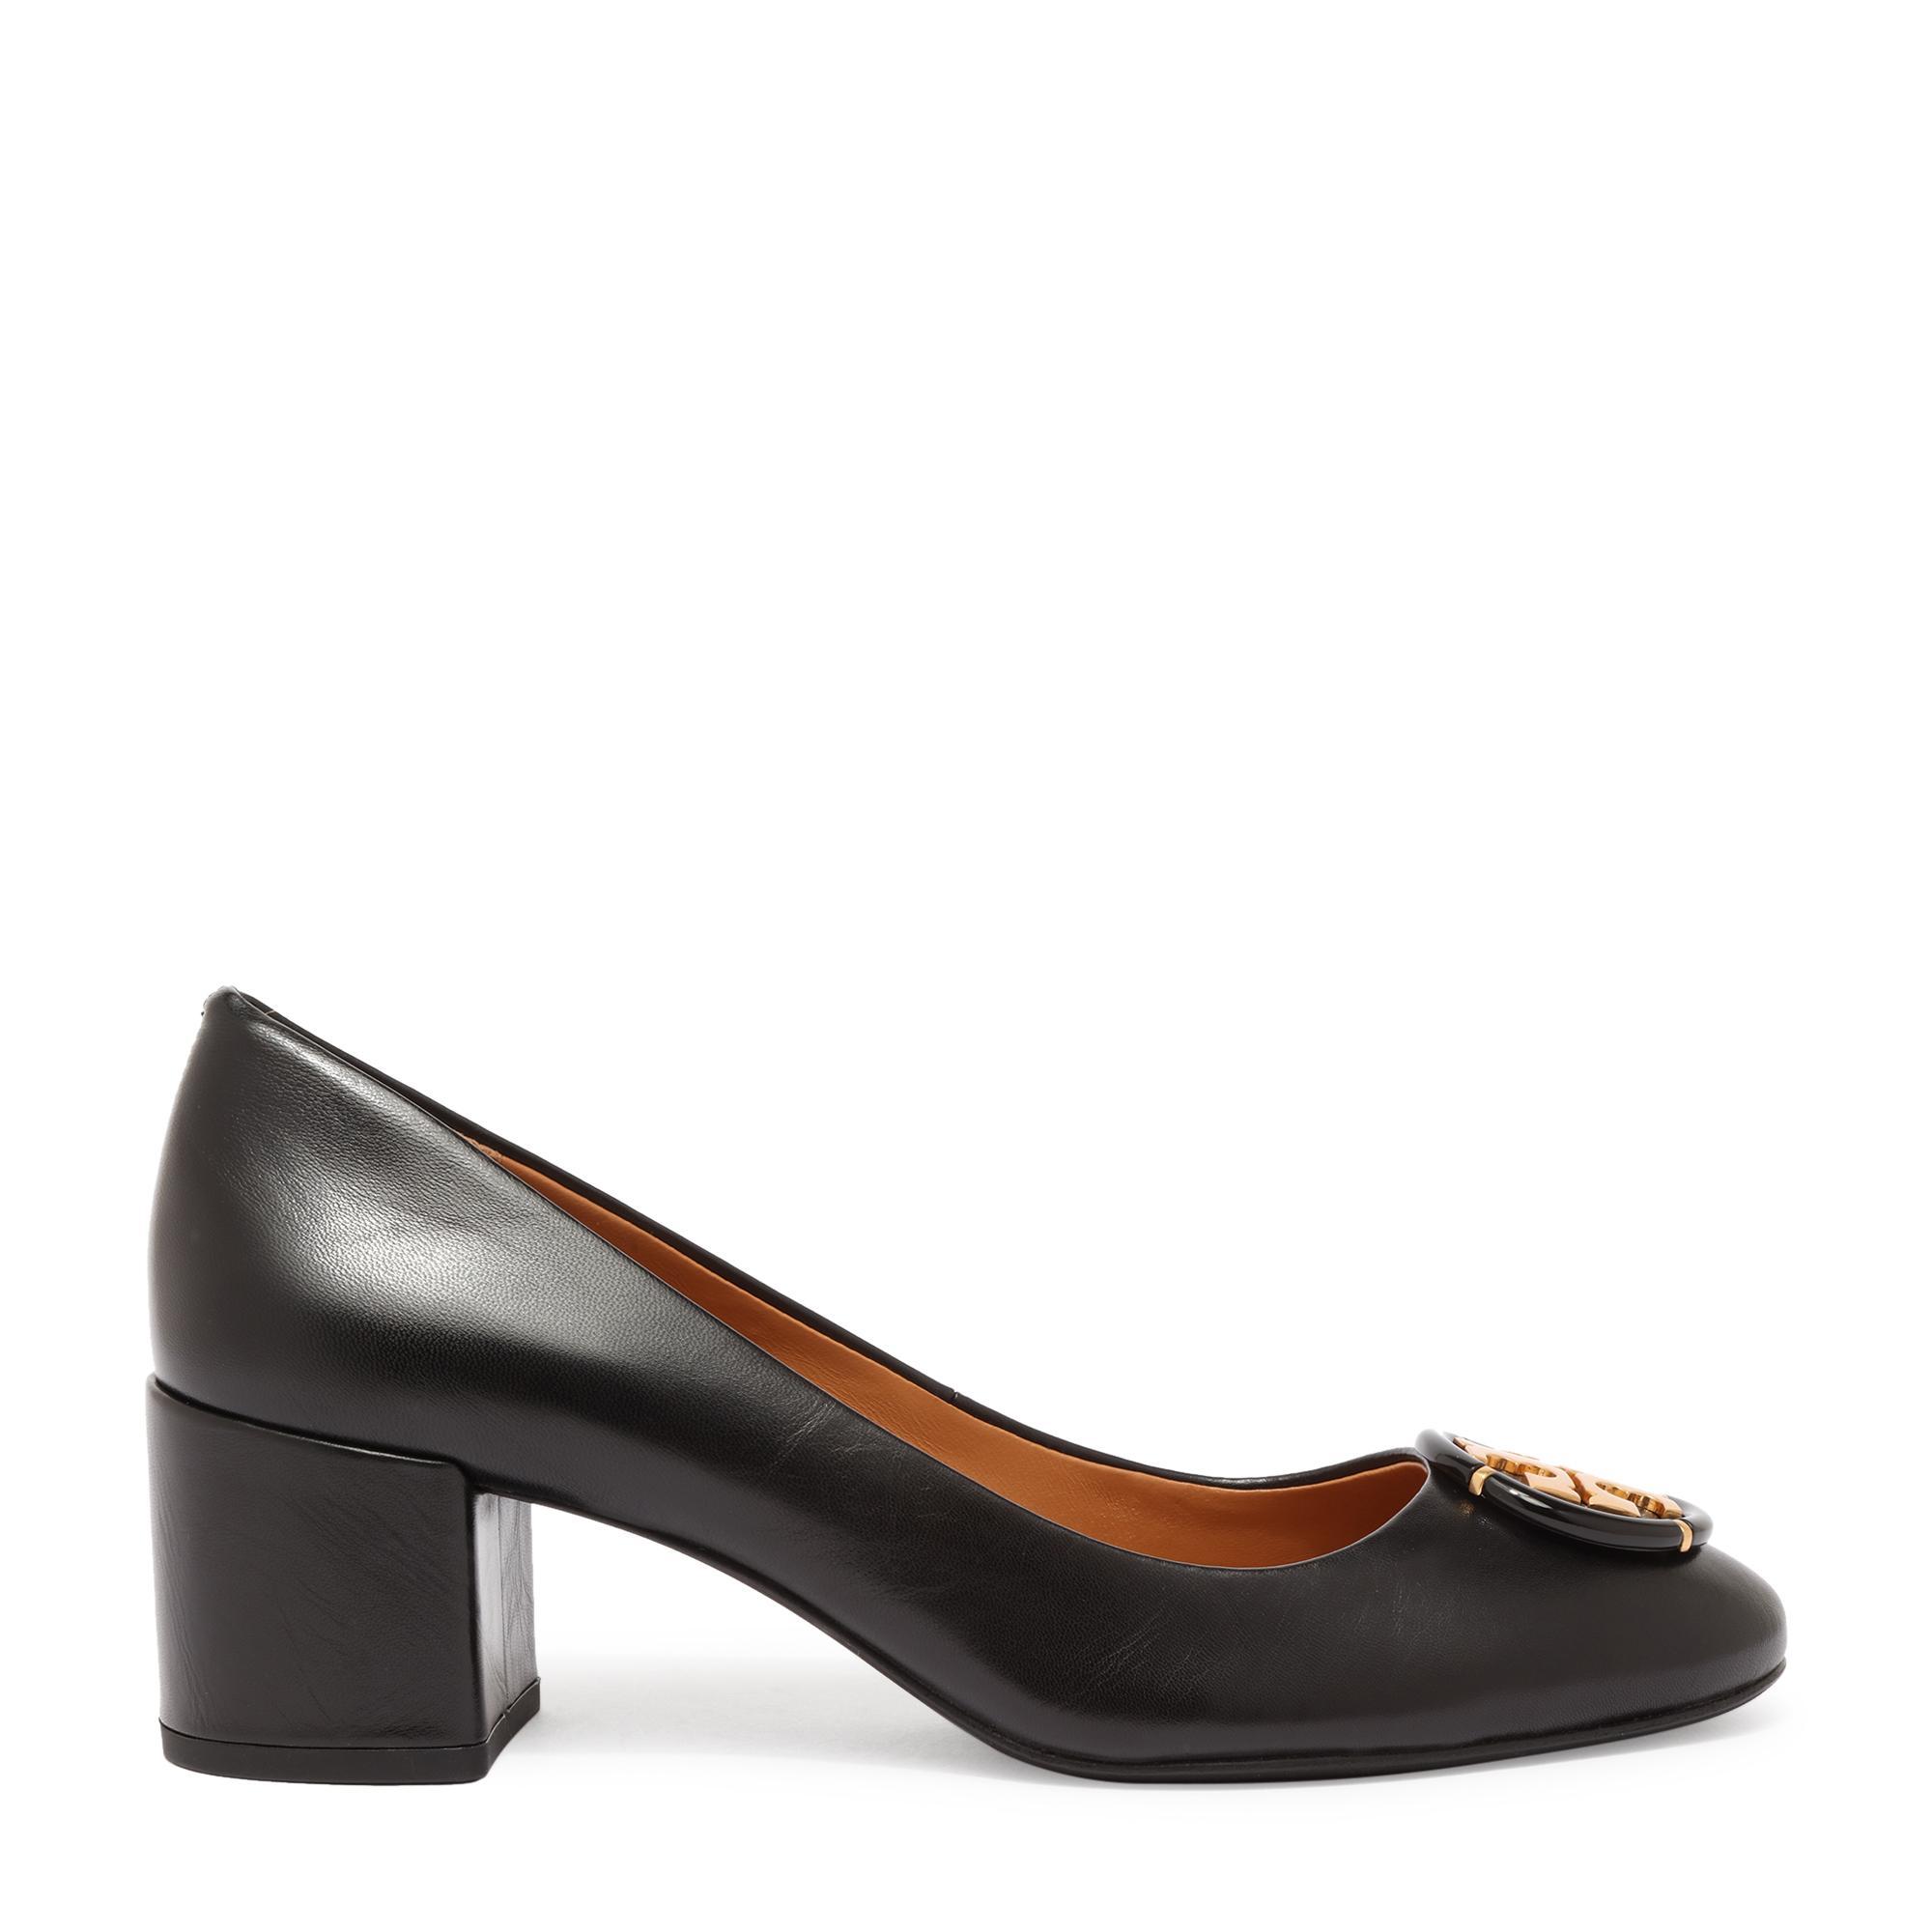 حذاء عالٍ مزين بشعارات متعددة